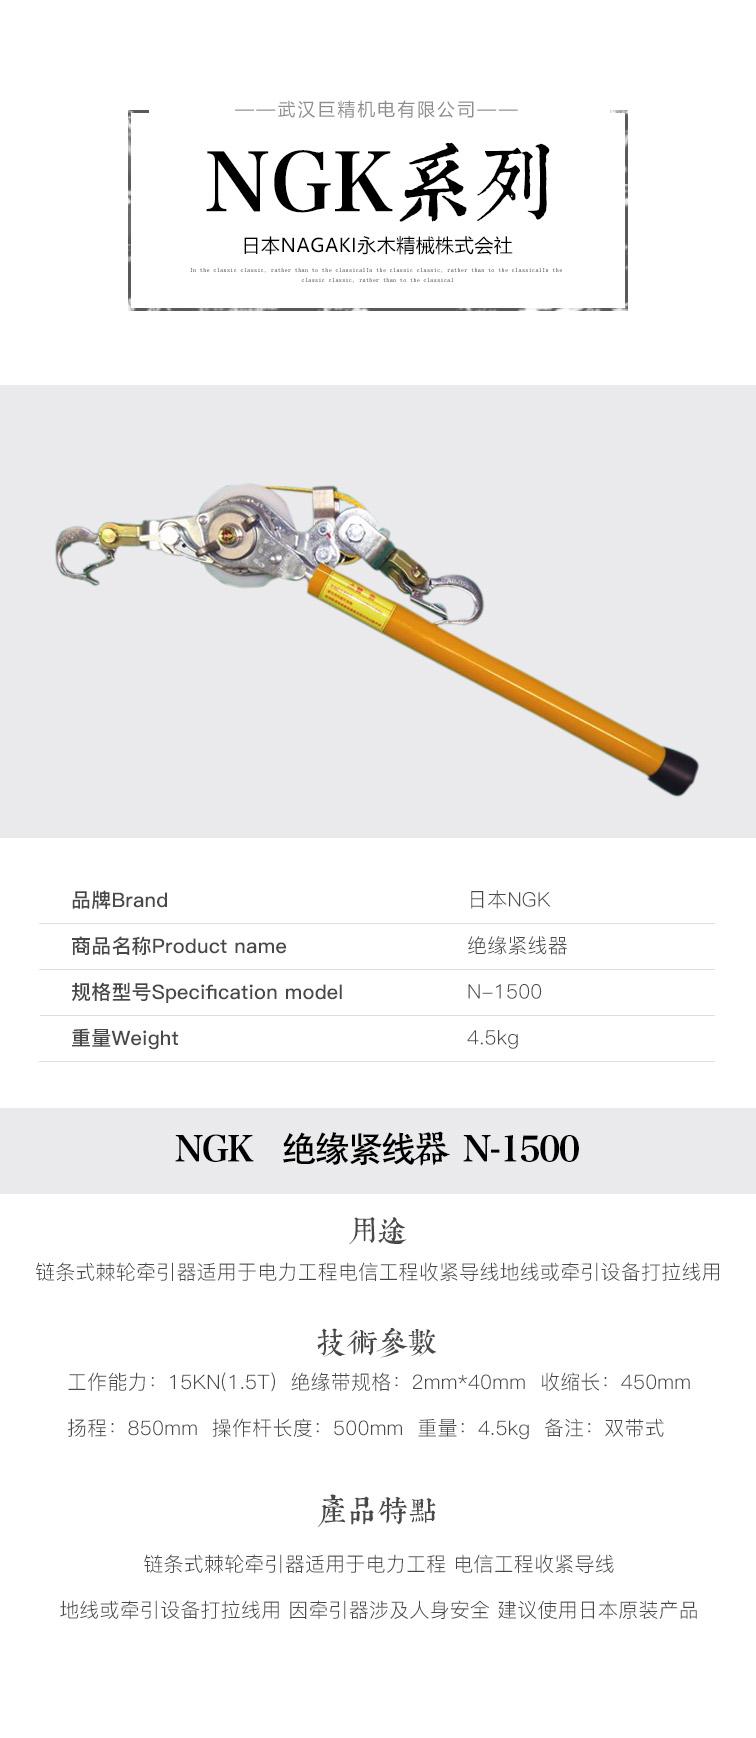 N-1500详情.jpg